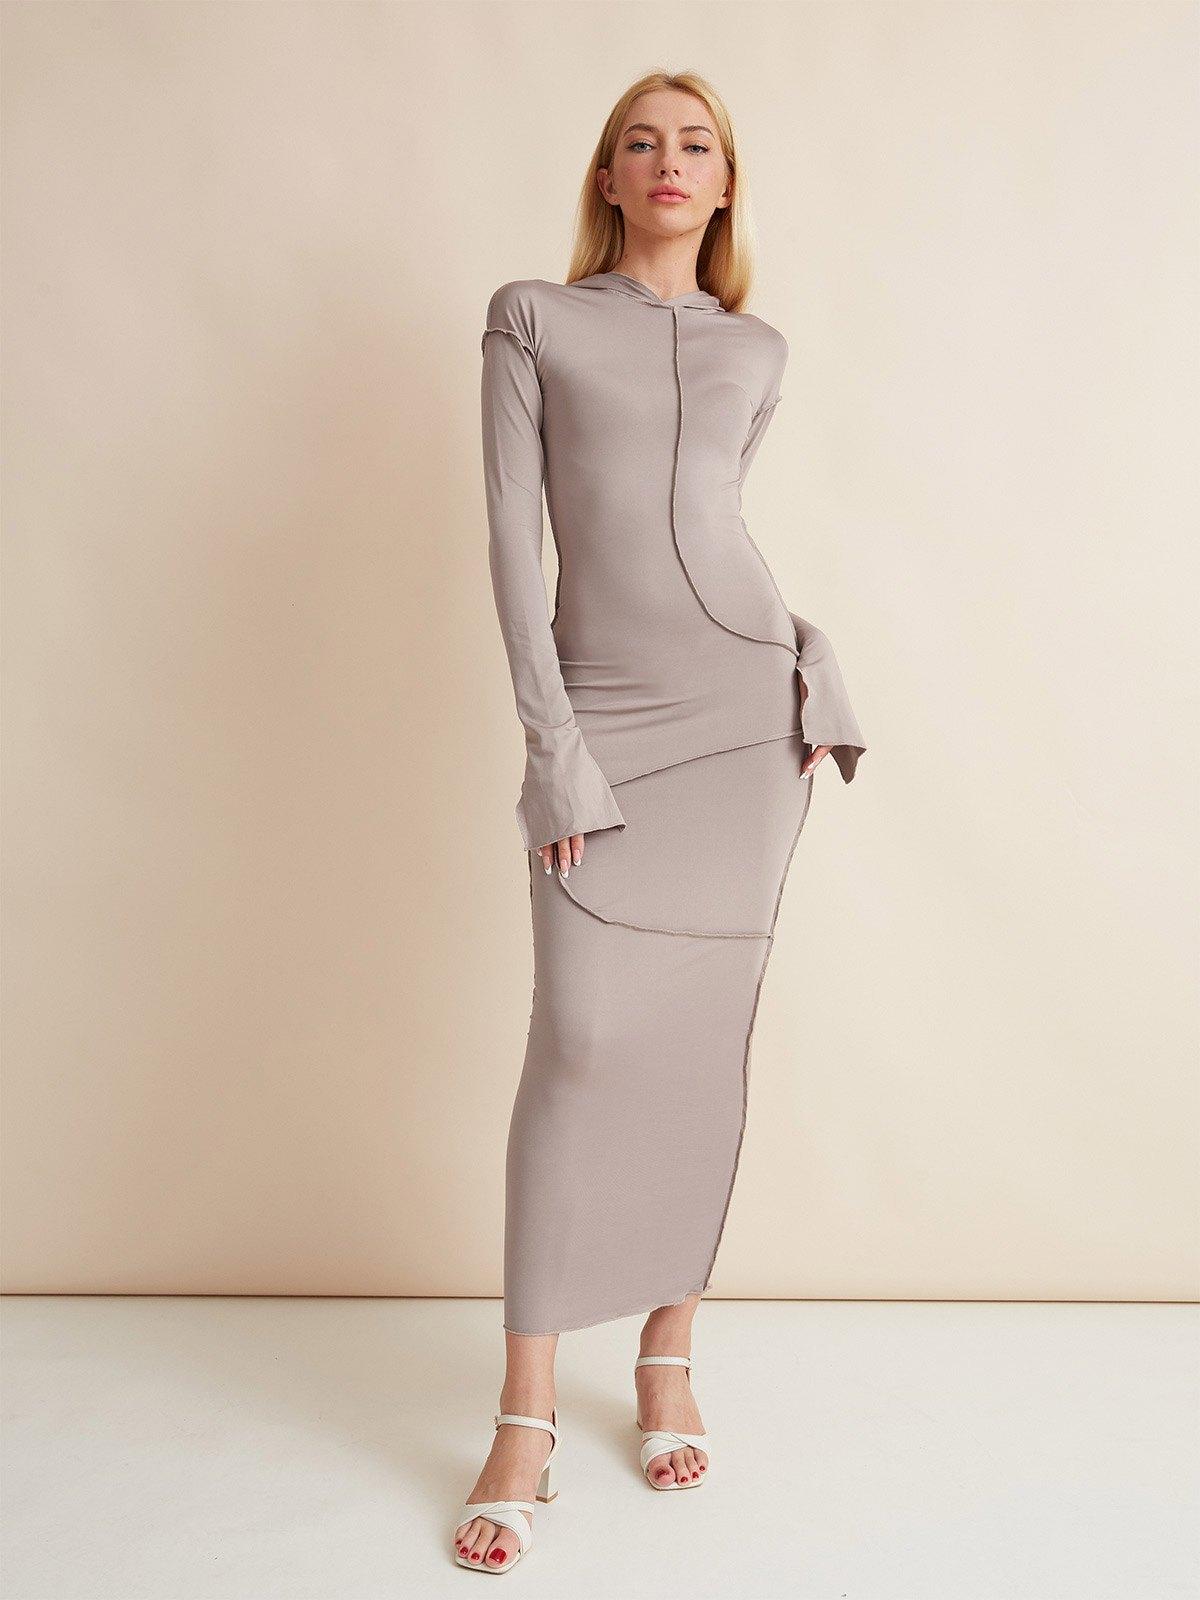 Seam Detail Hooded Maxi Dress - Brown M